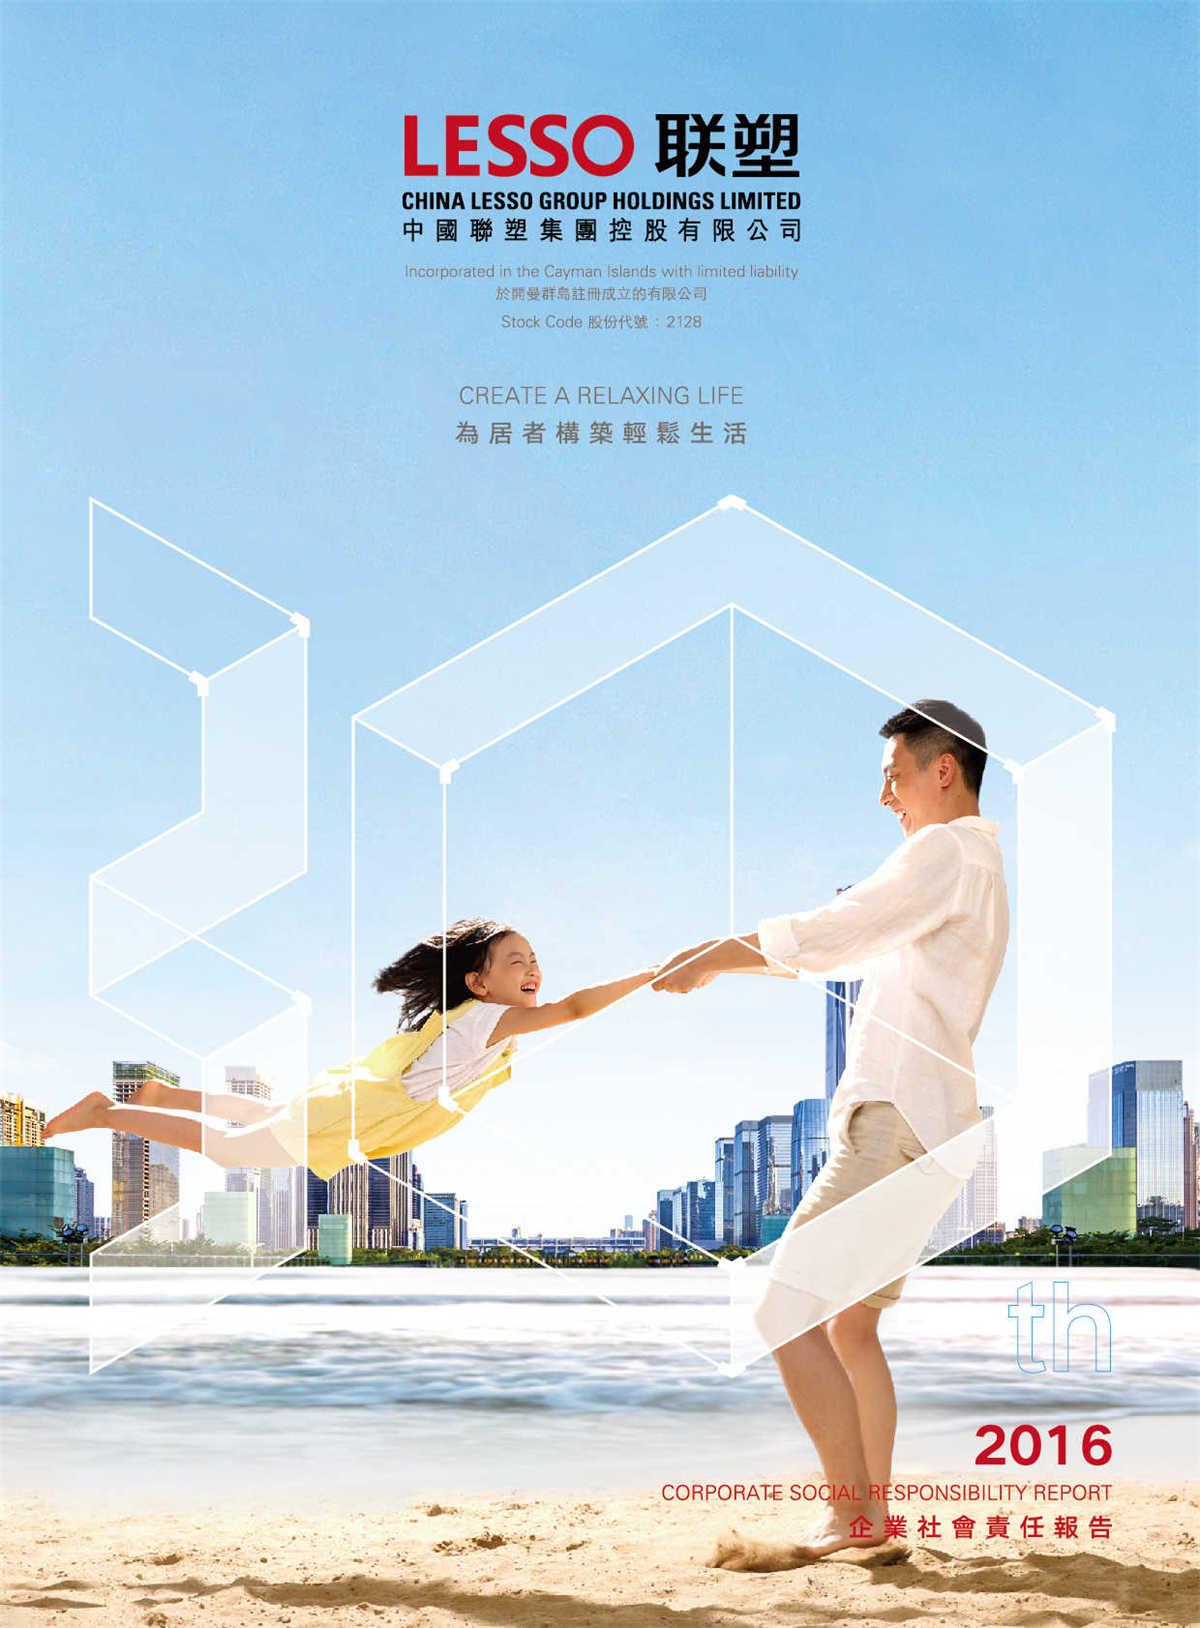 Lesso 2016 CSR REPORT